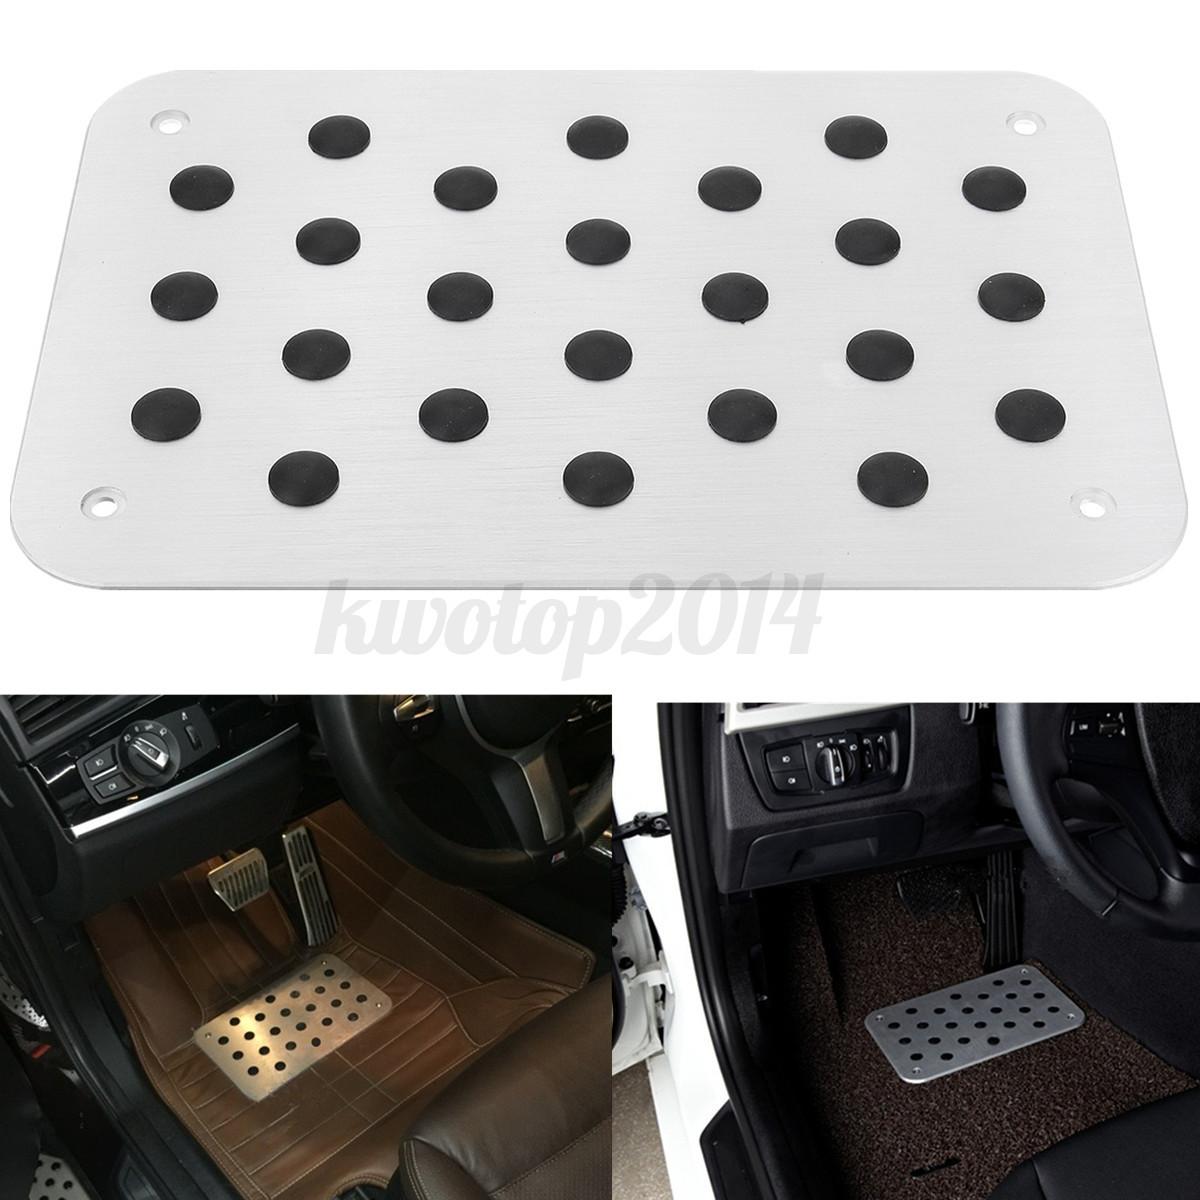 Aluminum Antiskid Floor Mat Plate For AUDI A1 A3 A4 A5 A6